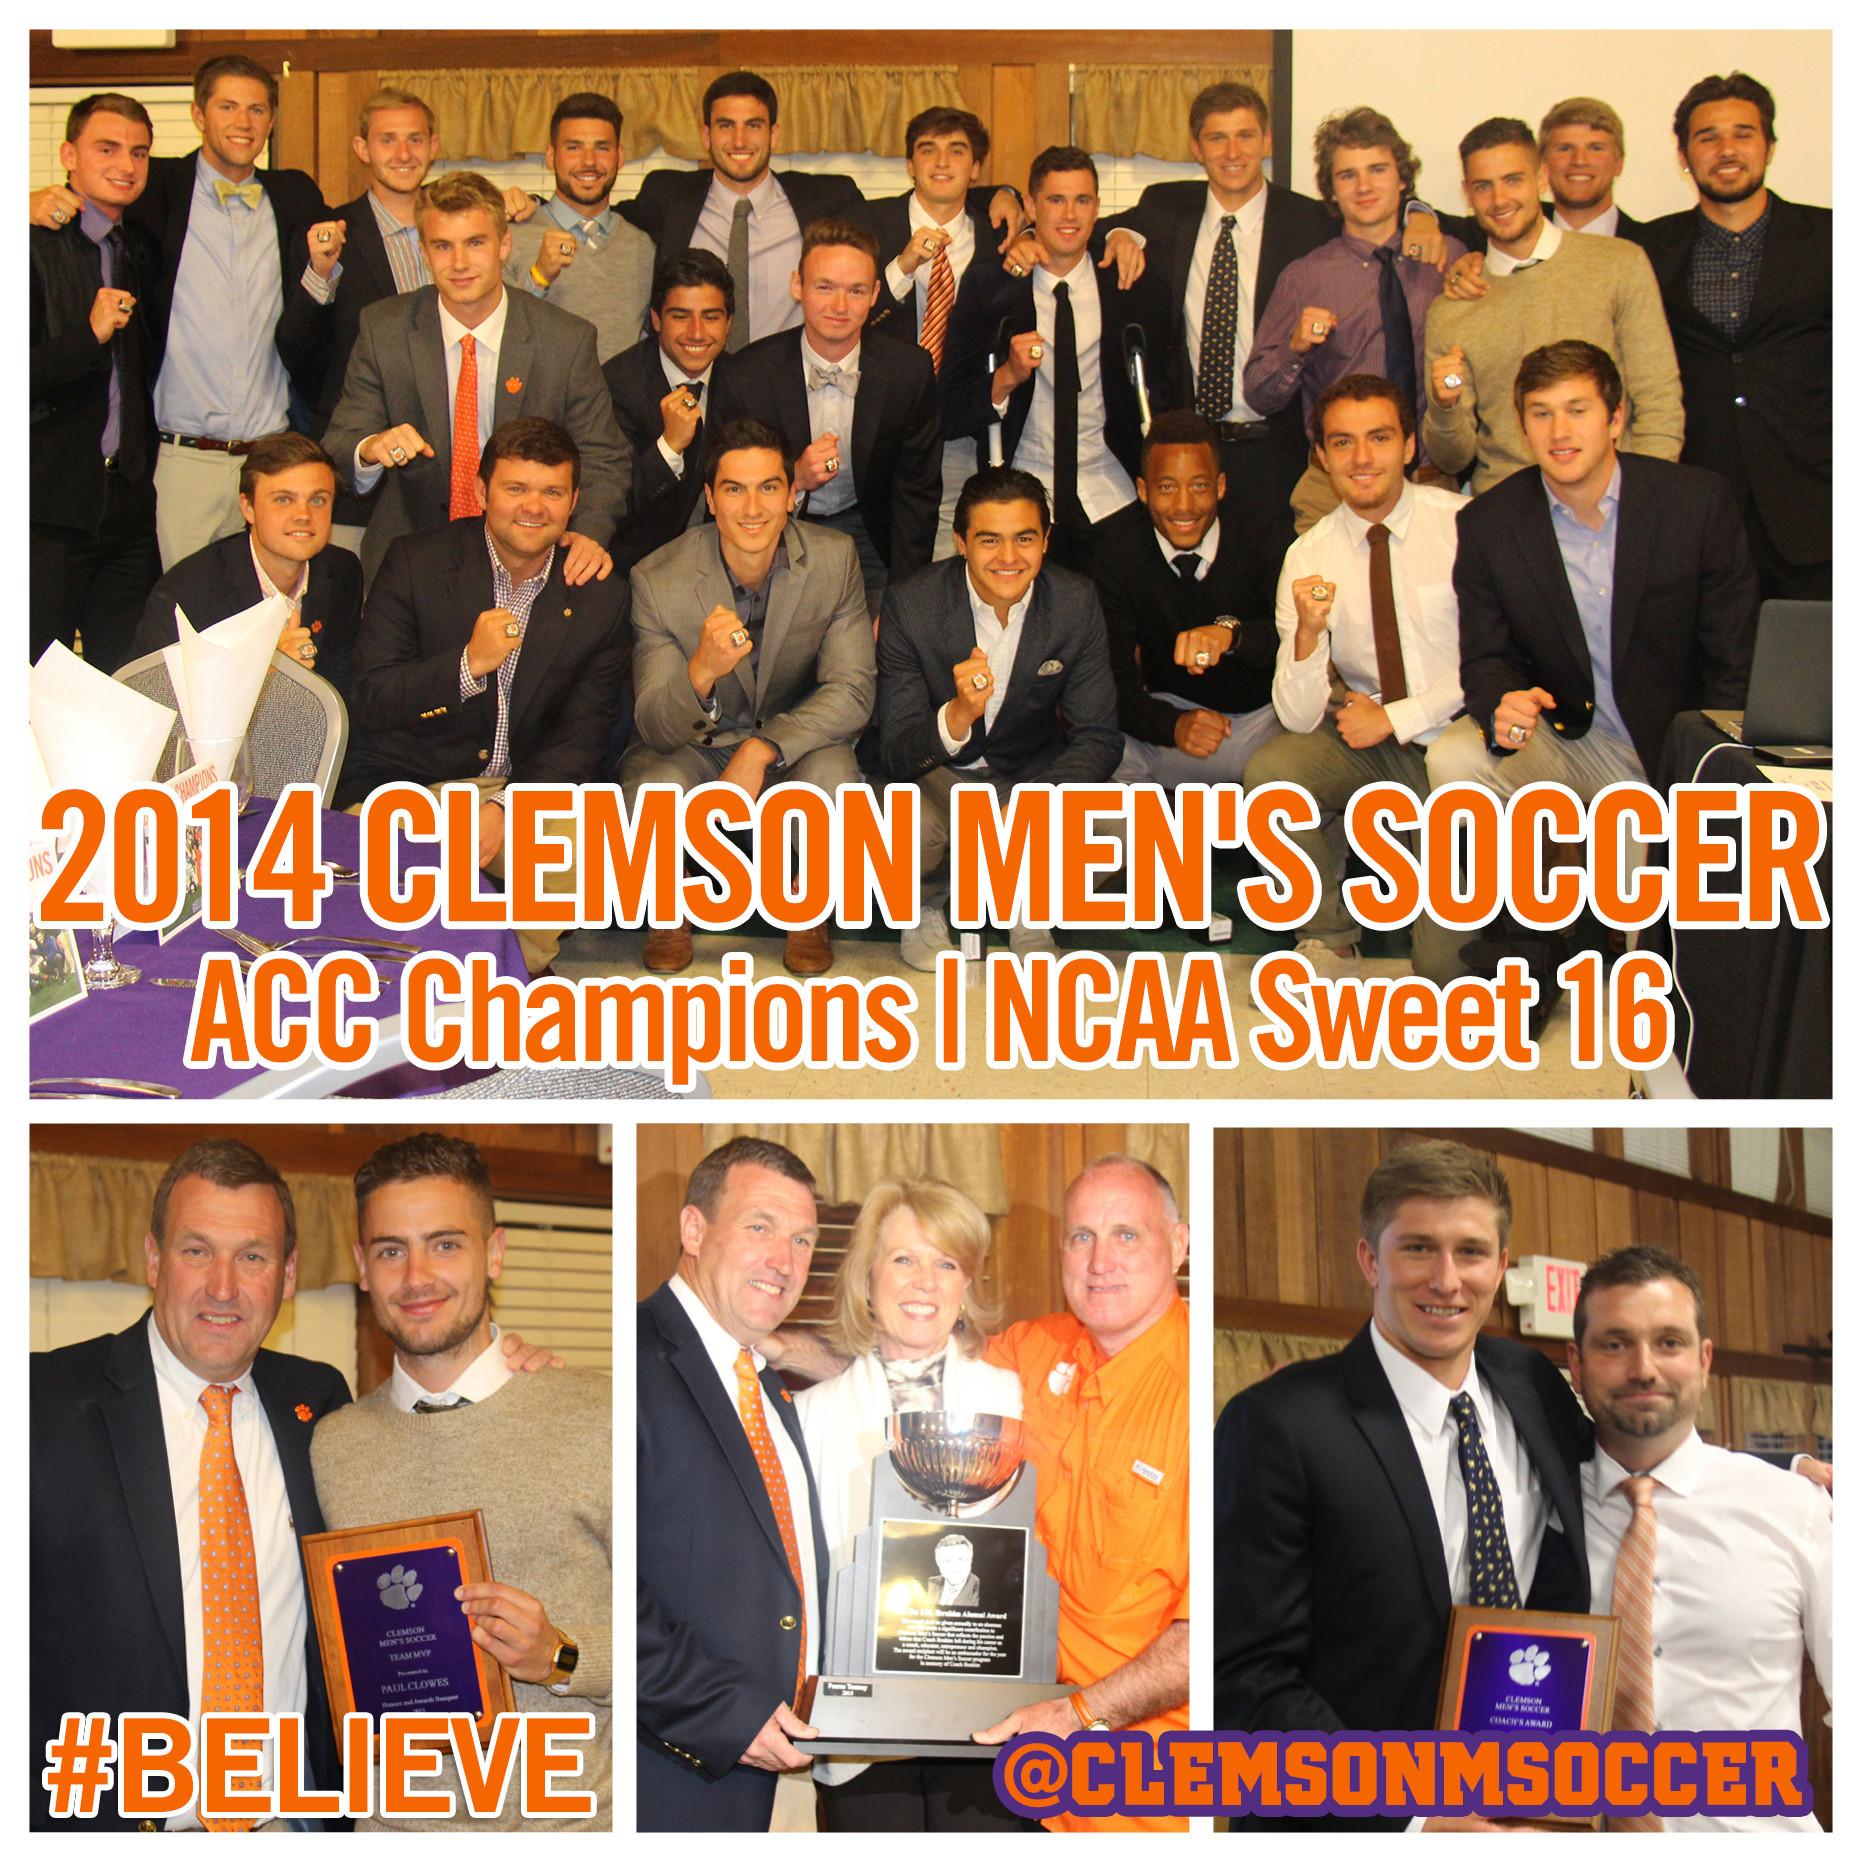 Men?s Soccer Program Celebrates 2014 Season, Announces Award Winners